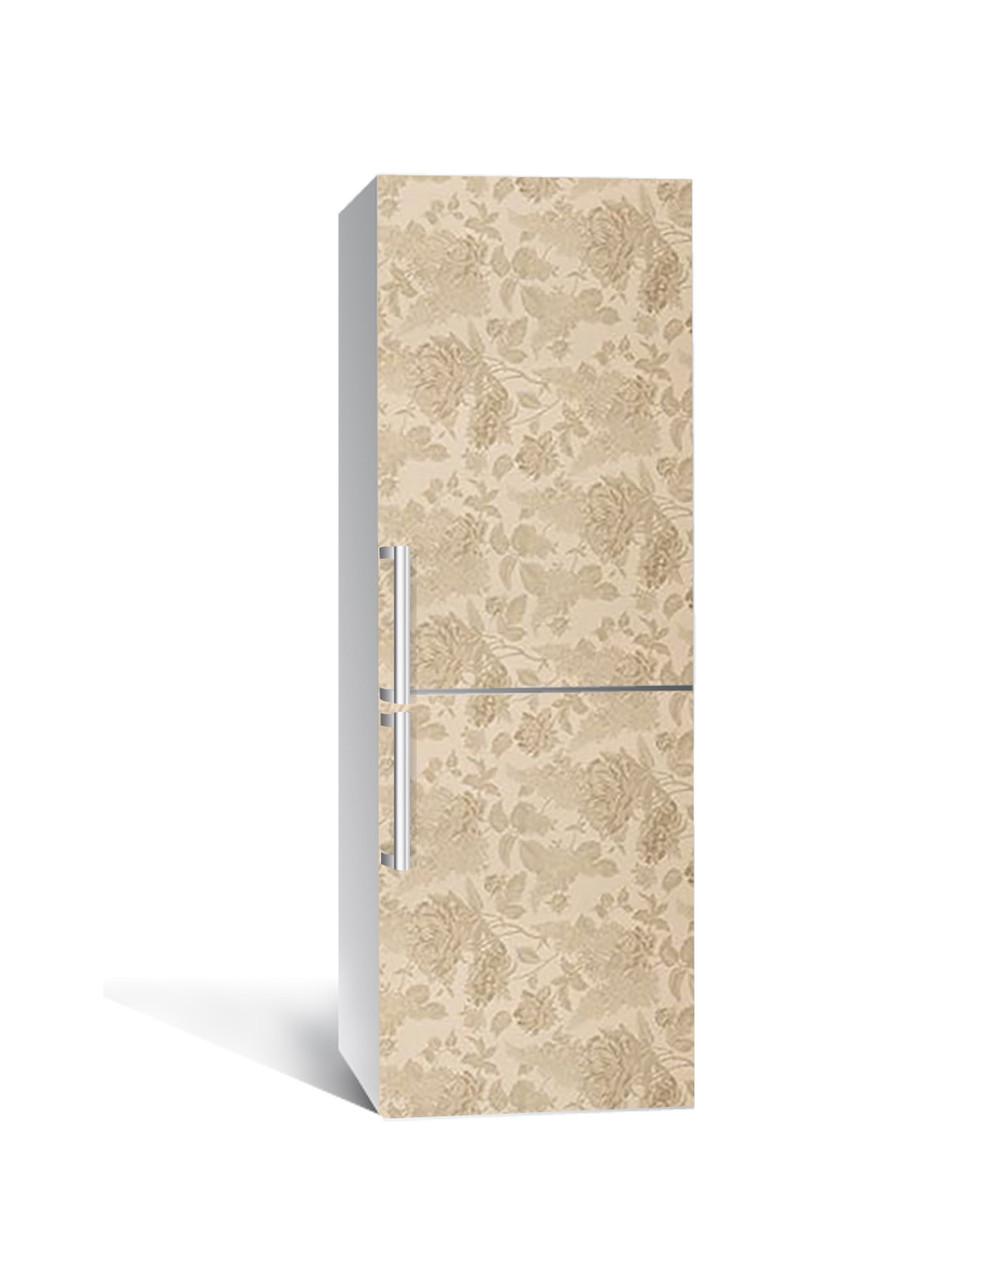 Декор 3Д наклейка на холодильник Песочная клумба Розы (пленка ПВХ фотопечать) 65*200см Абстракция Бежевый